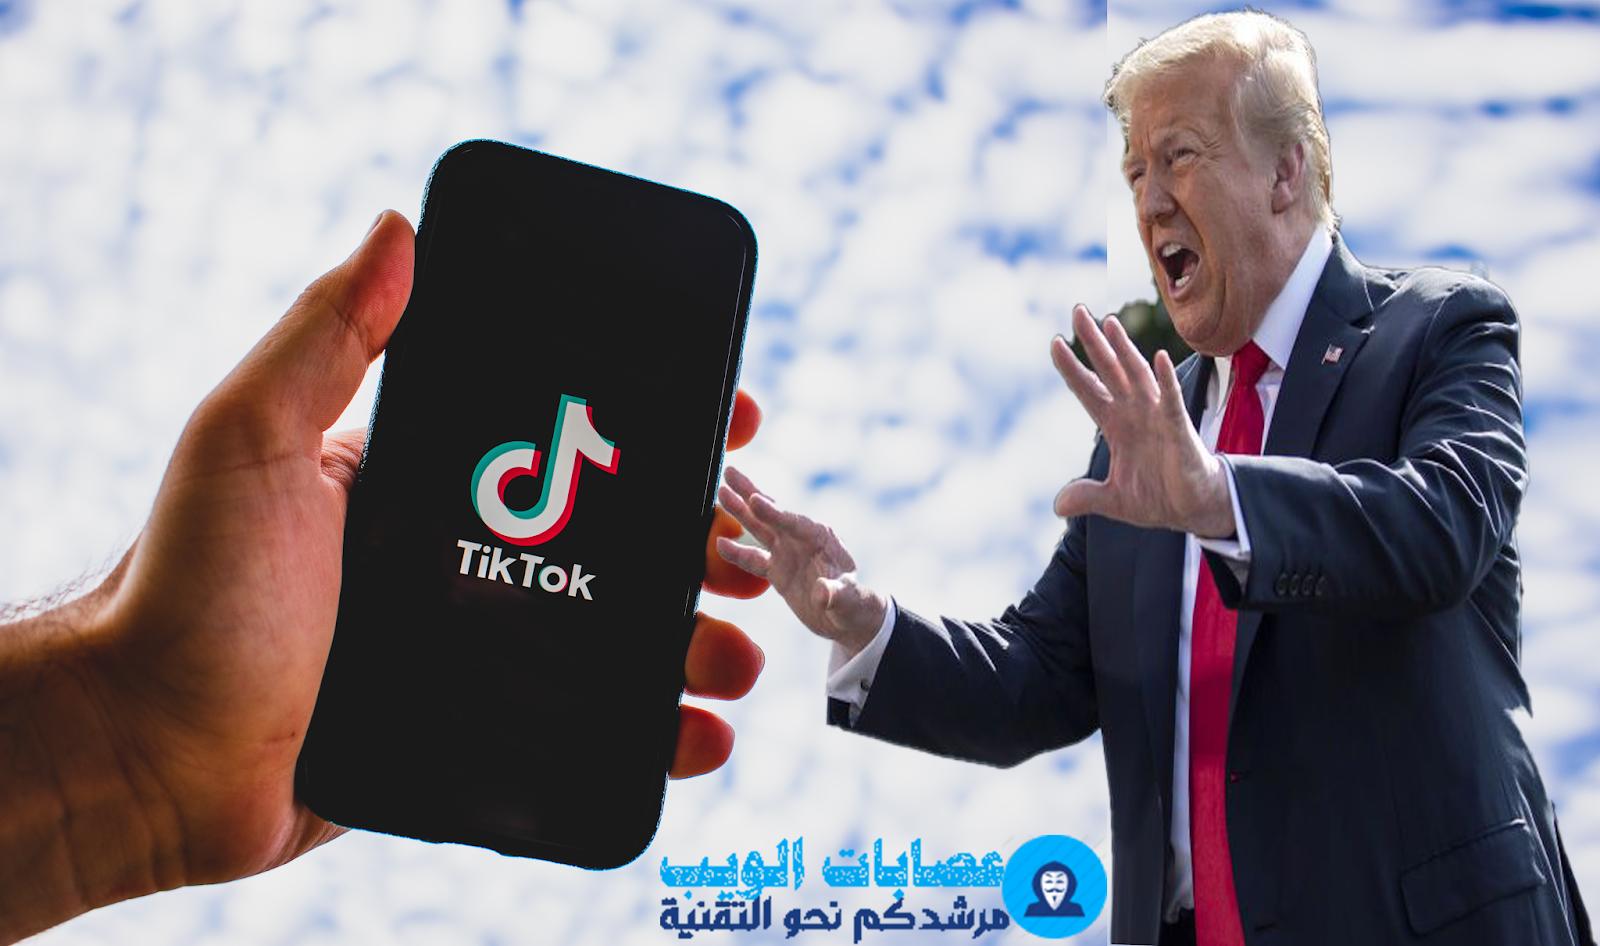 في ندوة صحفية قال الرئيس الأمريكي دونالد ترامب أنه يمكنه حظر تطبيق Tiktok من الولايات المتحدة في وقت وجيز حيث قال للصحافيين أنه Phone Cases Phone Case